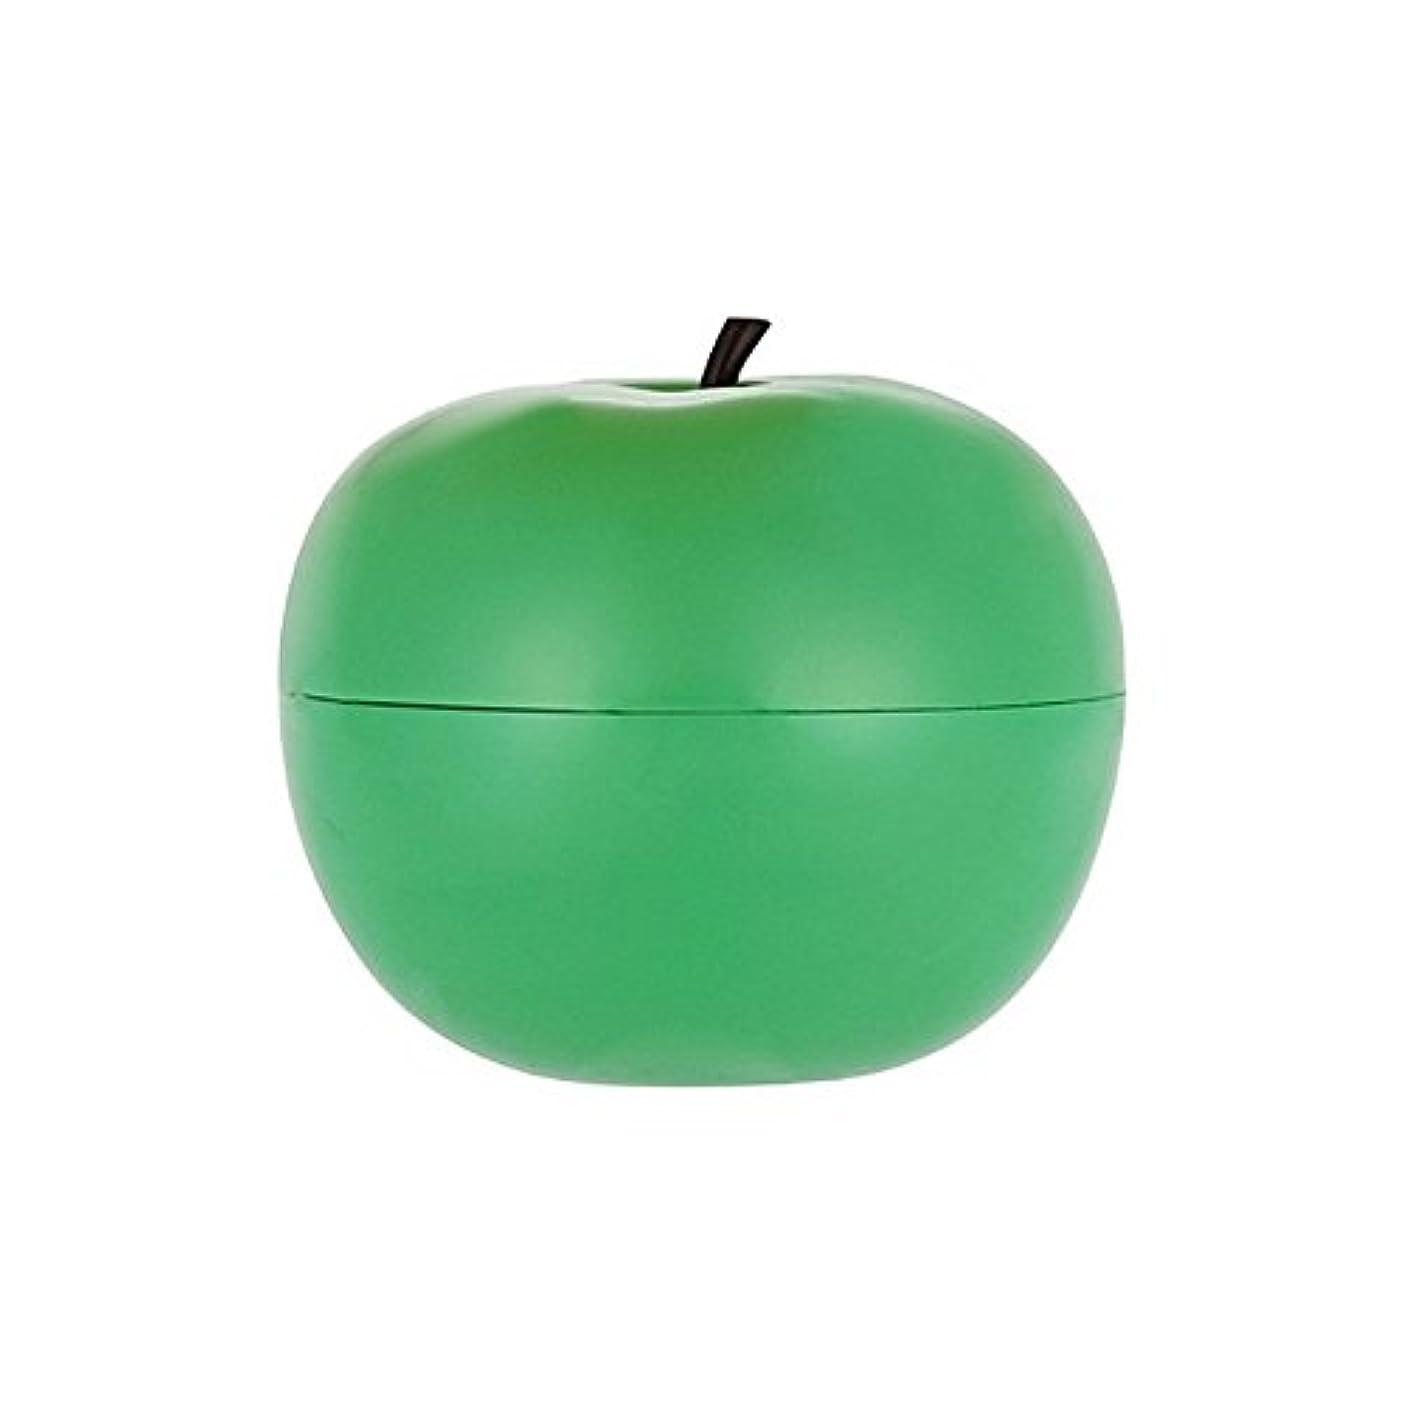 解任微妙しょっぱいトニーモリースムーズマッサージピーリングクリーム80グラム x4 - Tony Moly Appletox Smooth Massage Peeling Cream 80G (Pack of 4) [並行輸入品]